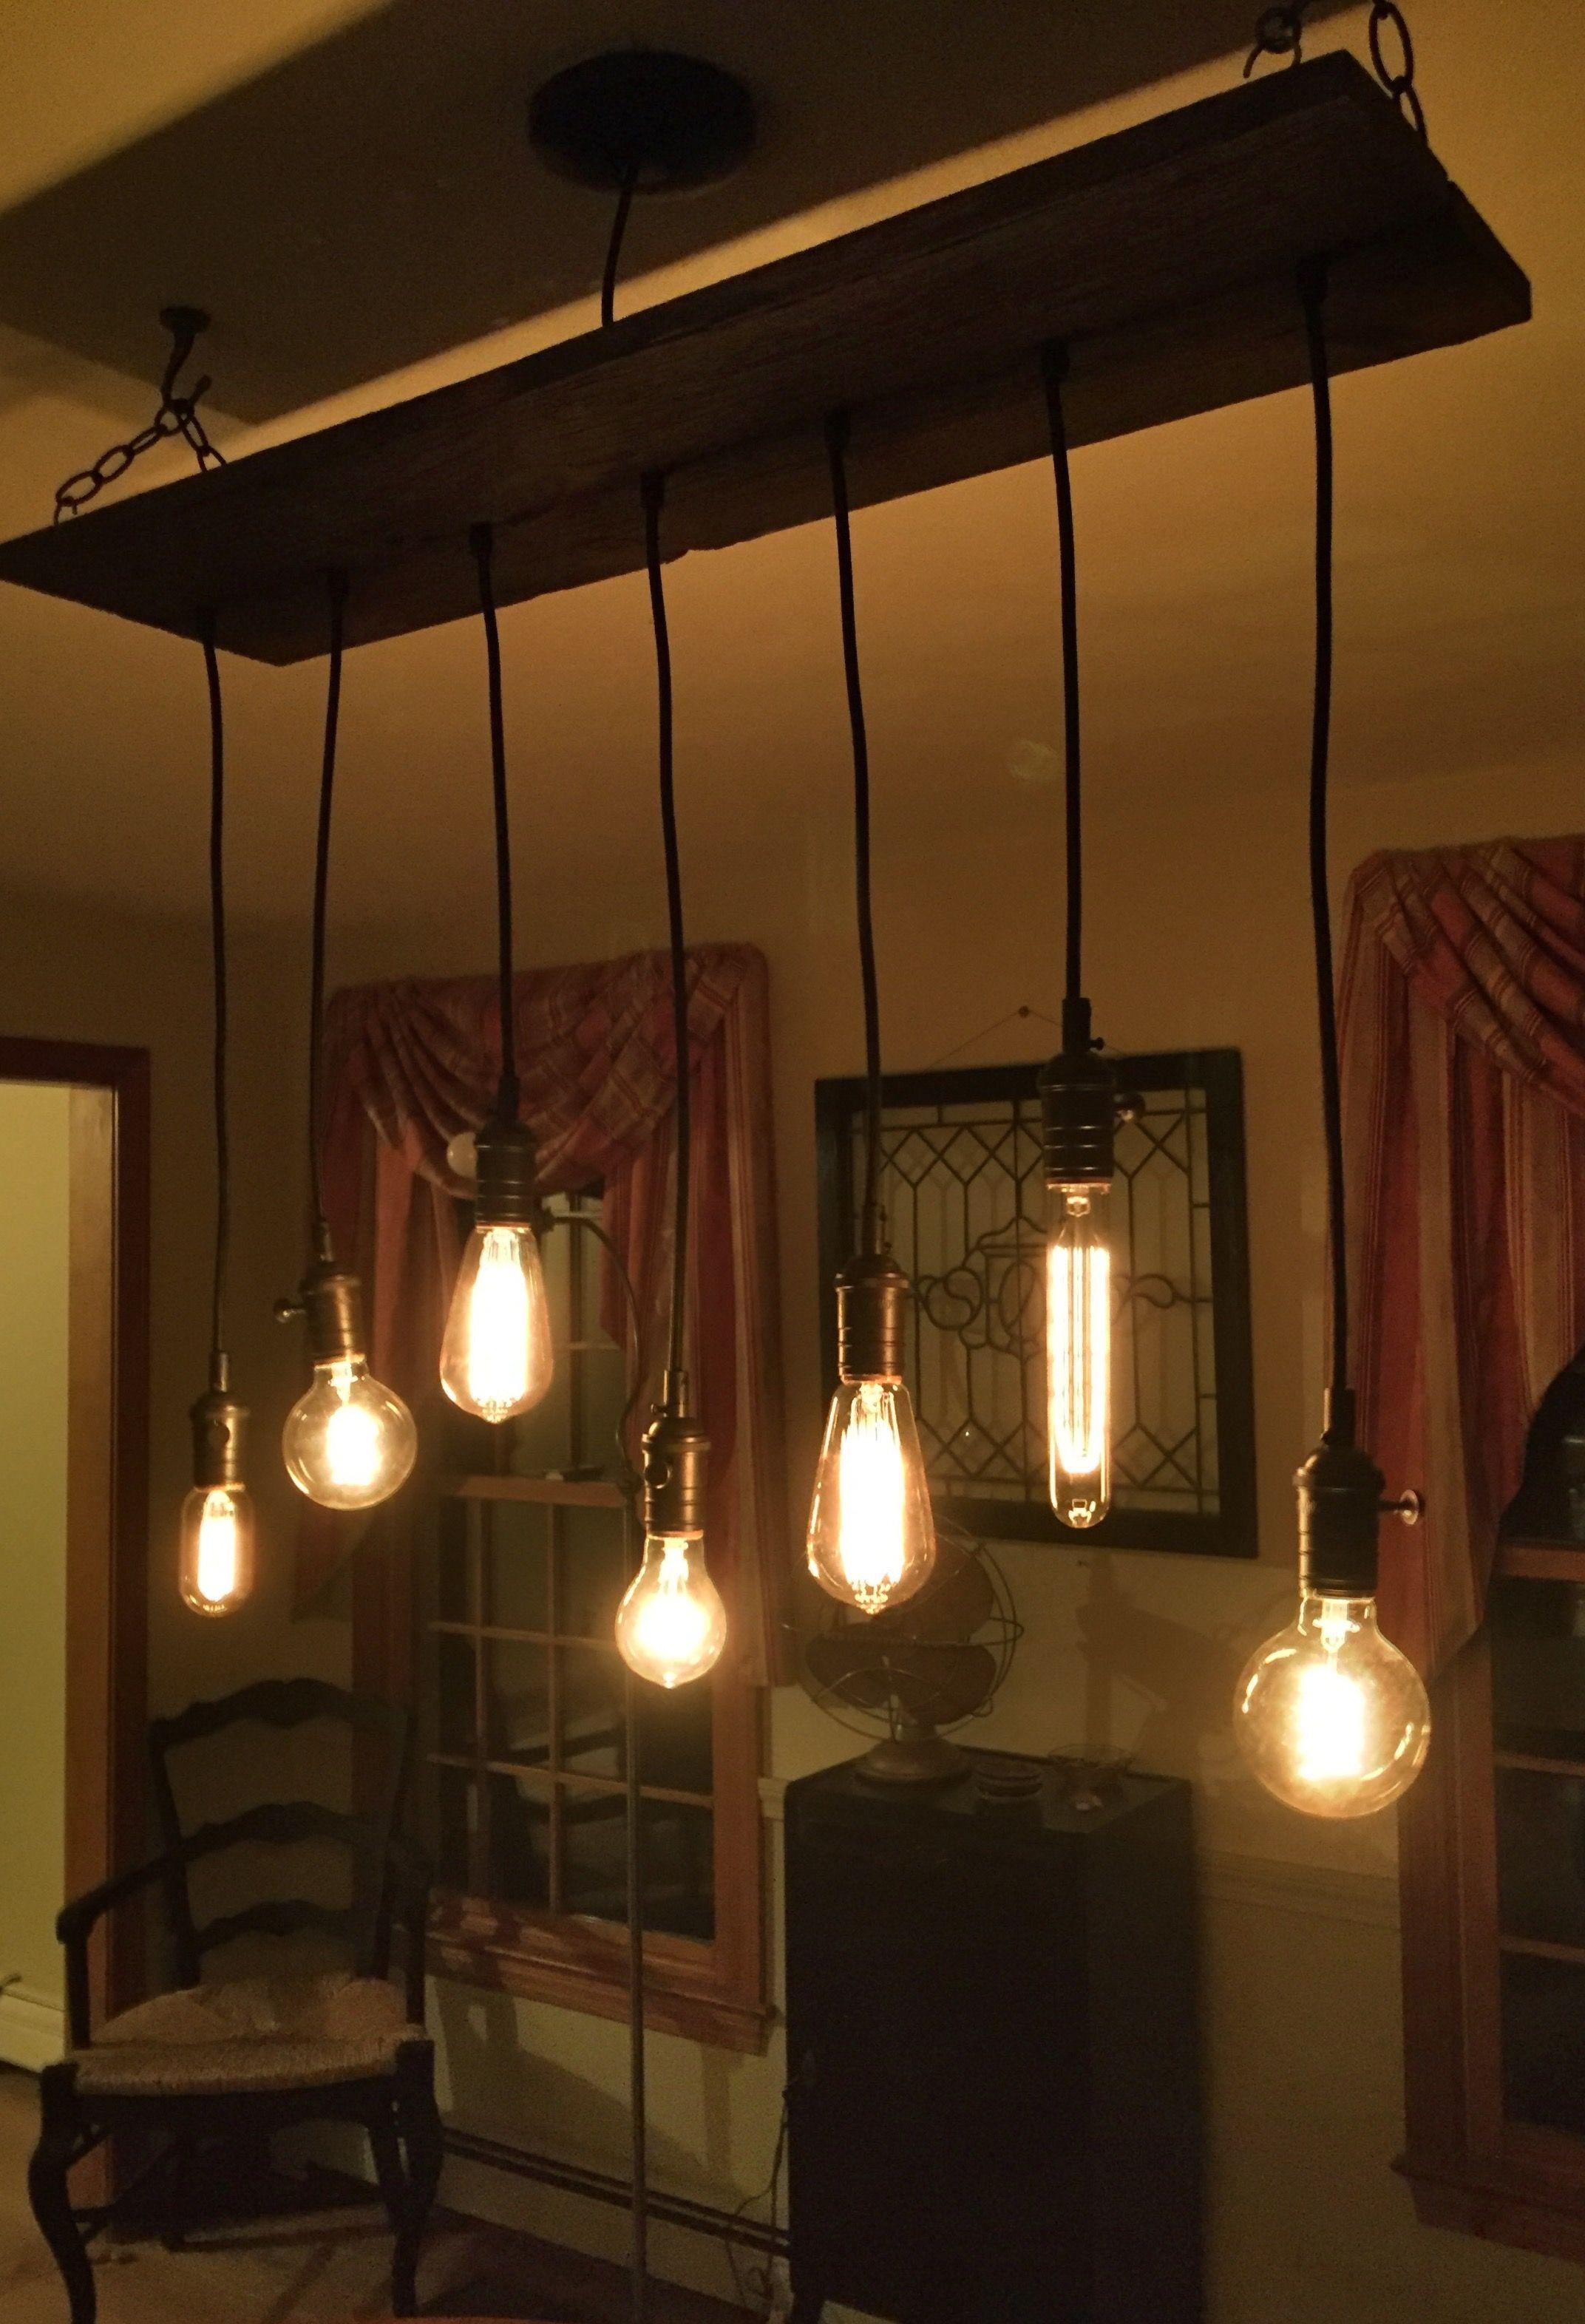 New Etsy dining room light!!